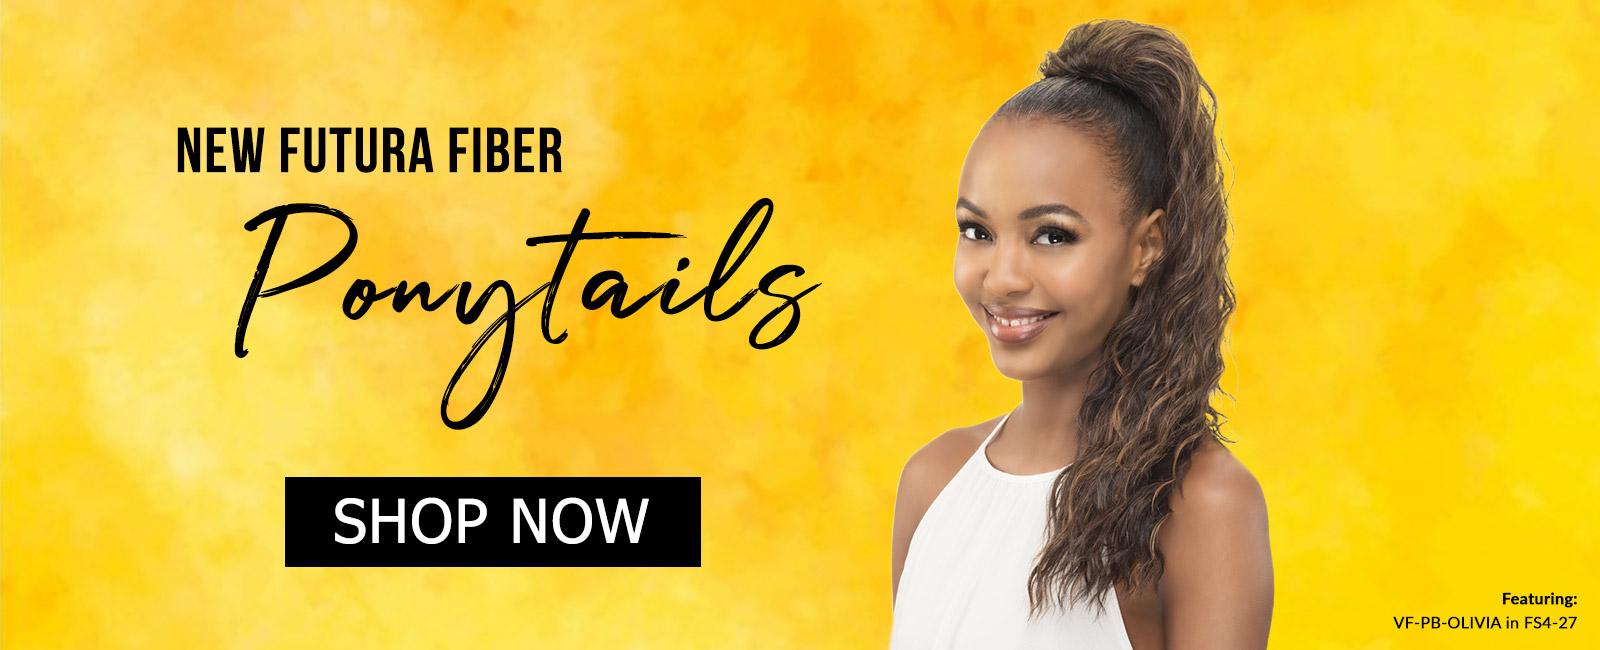 2020-01-31-ponytails-mobile